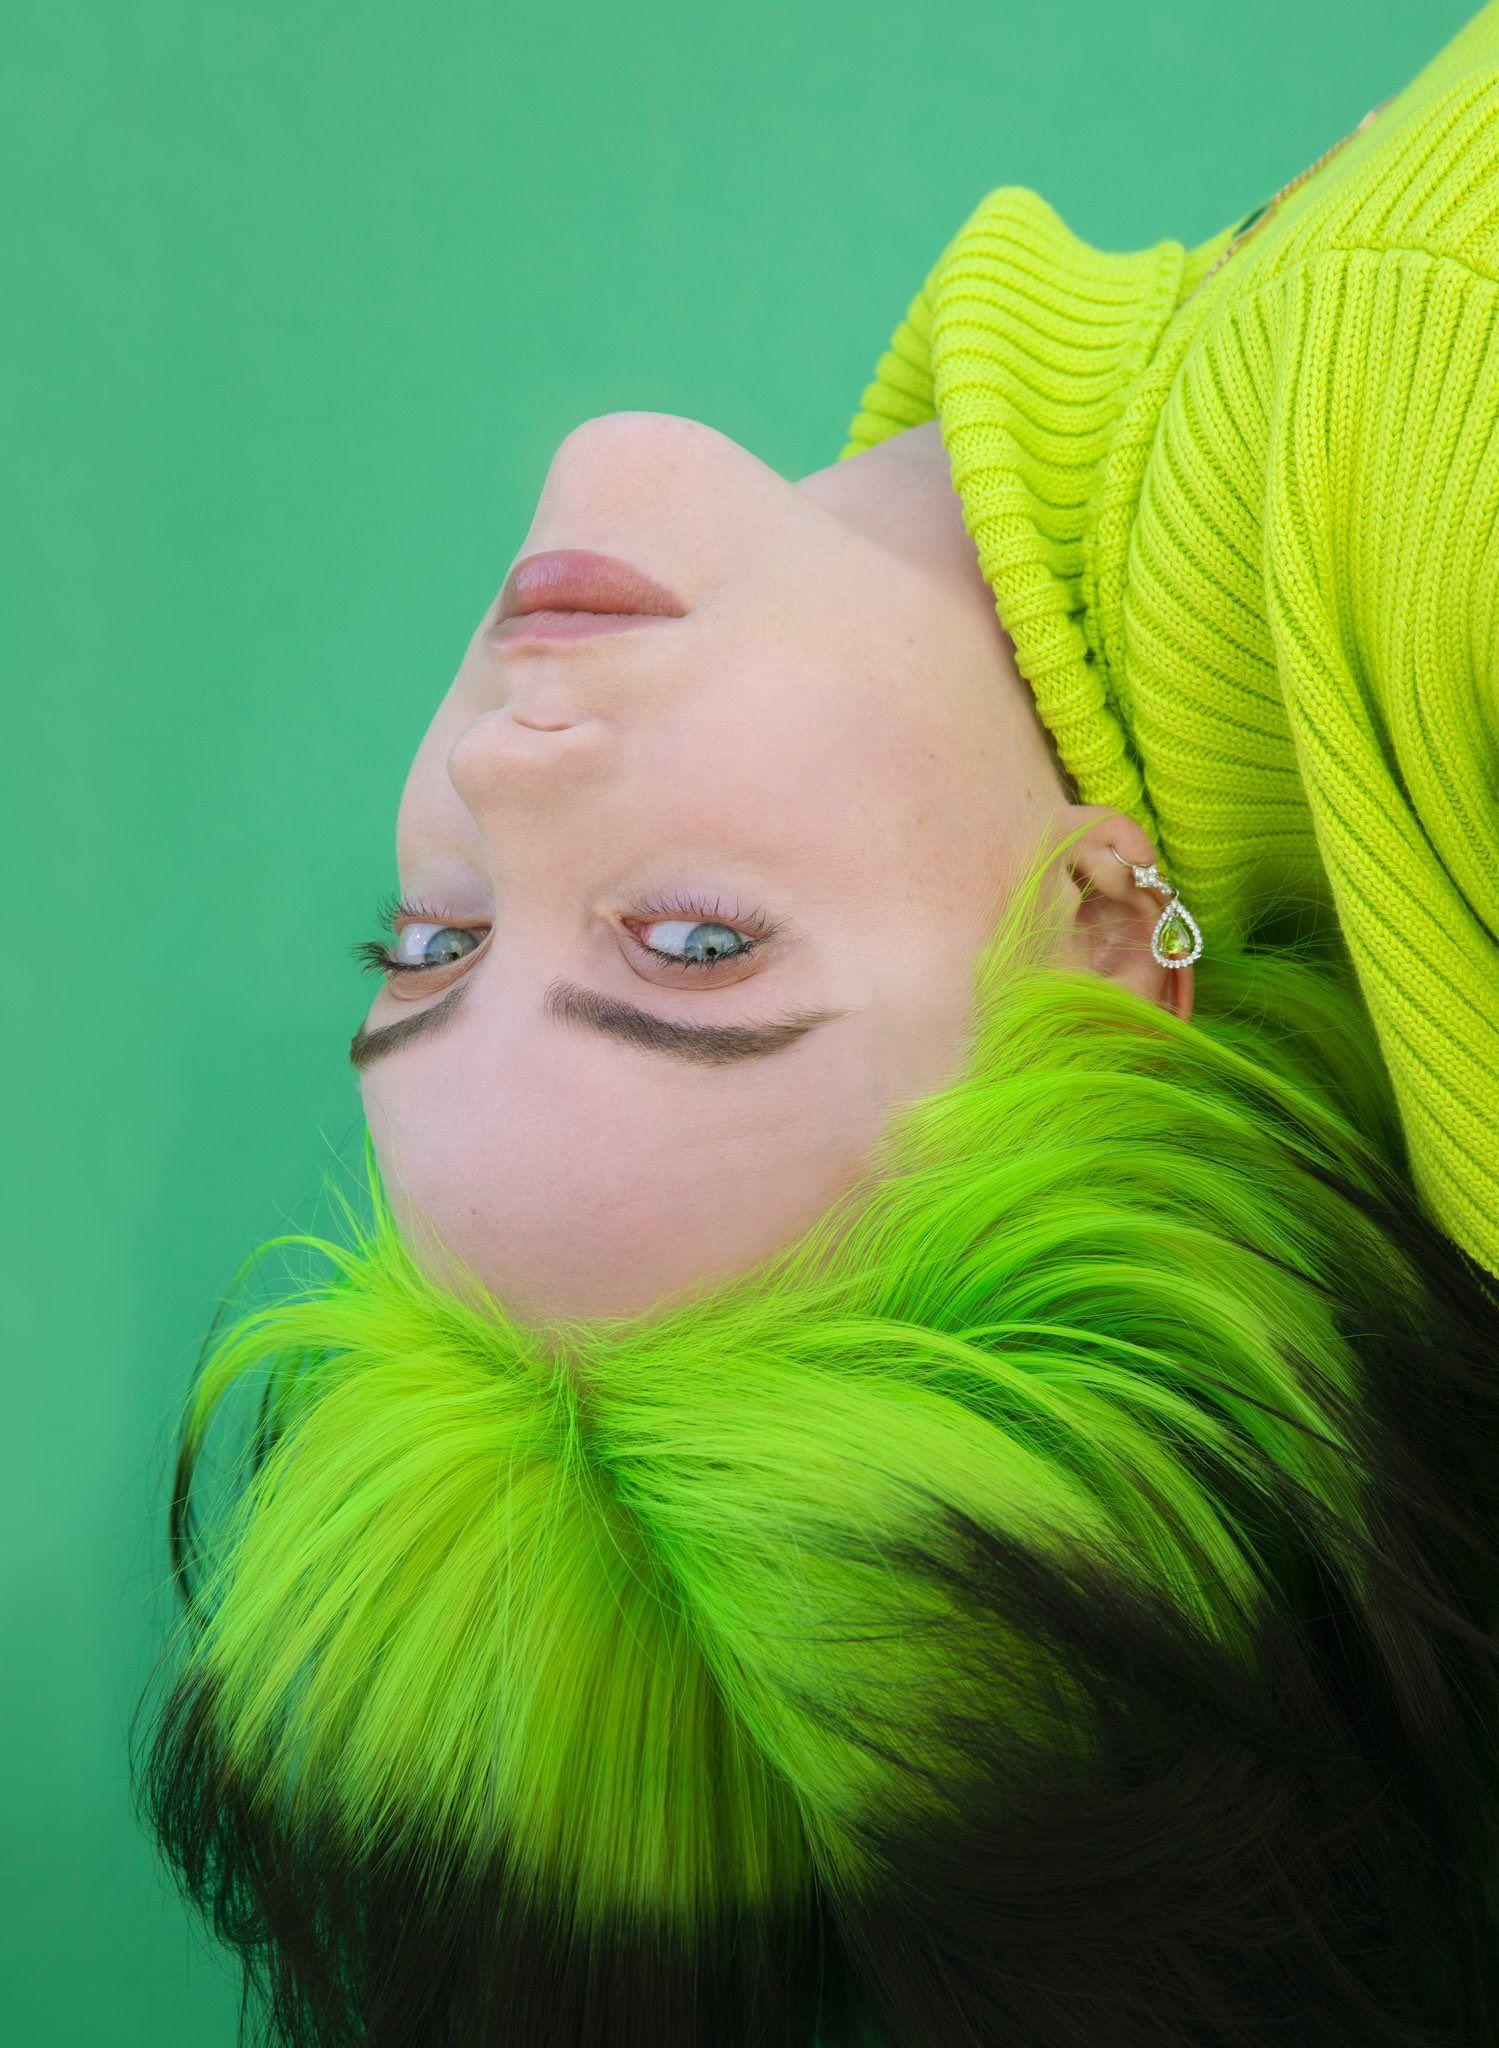 Pinterest Shycreemeredith In 2020 Billie Billie Eilish Celebrities